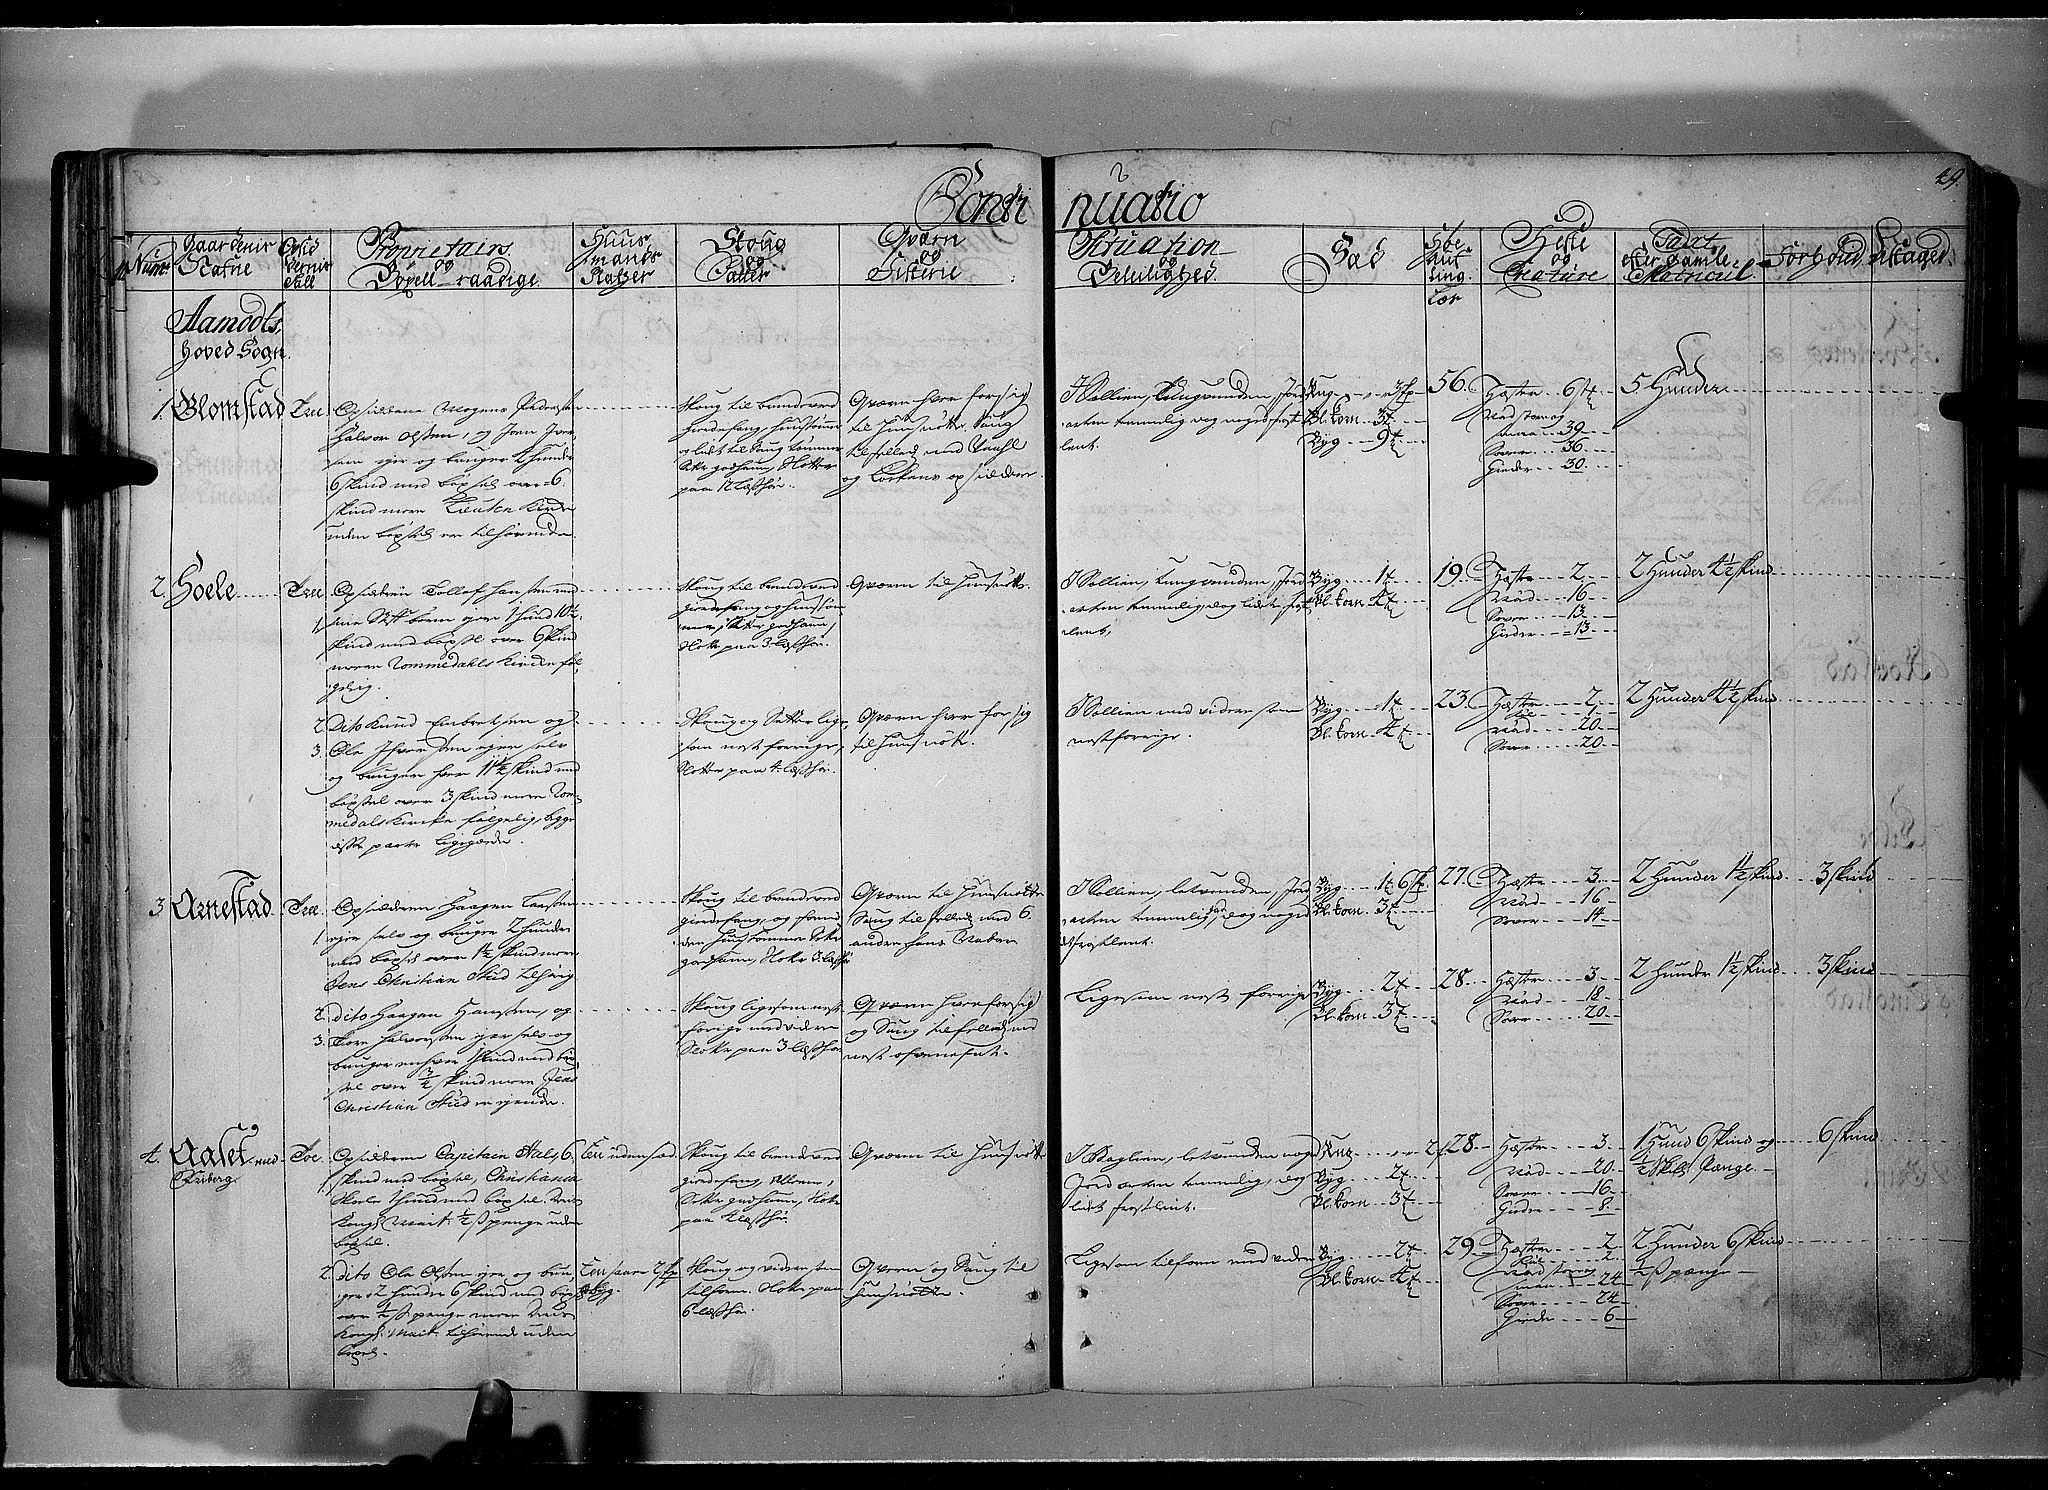 RA, Rentekammeret inntil 1814, Realistisk ordnet avdeling, N/Nb/Nbf/L0101: Solør, Østerdalen og Odal eksaminasjonsprotokoll, 1723, s. 48b-49a